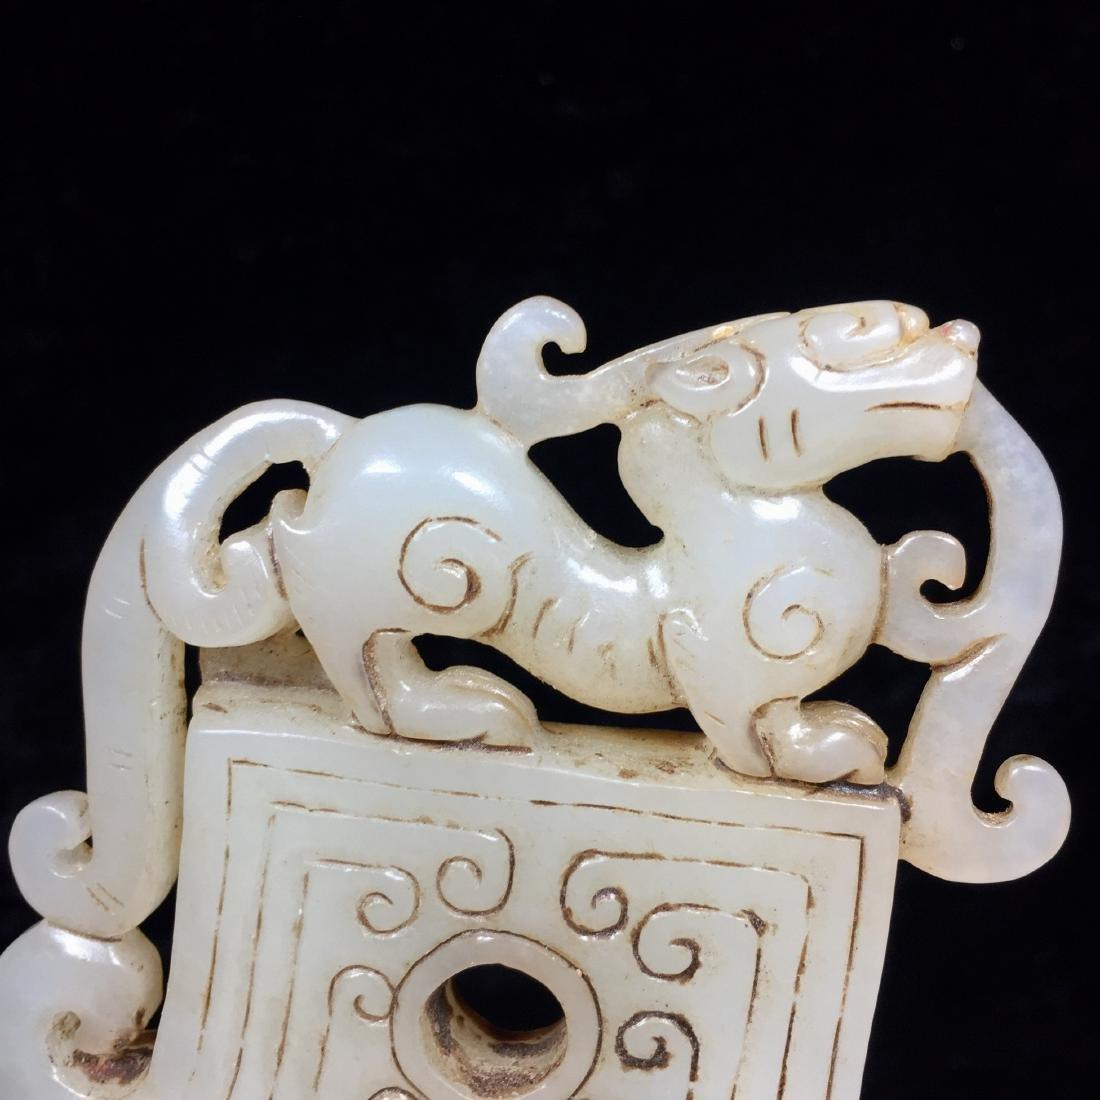 Chinese Hetian White Jade Pendant - 4